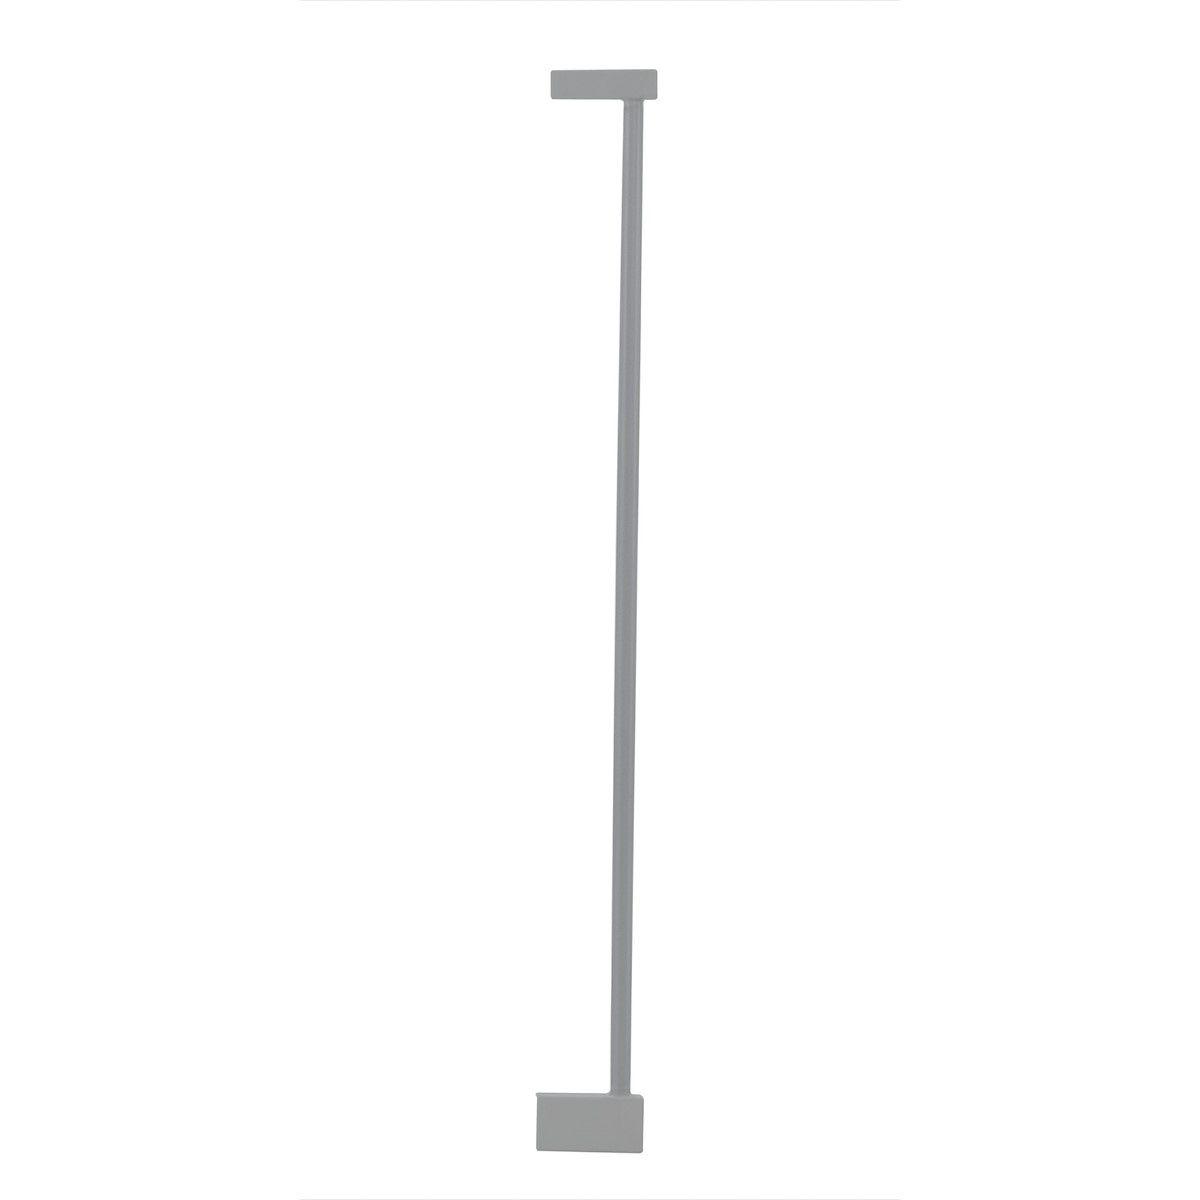 Extensão para grade infantil - Designer easyclose 7cm